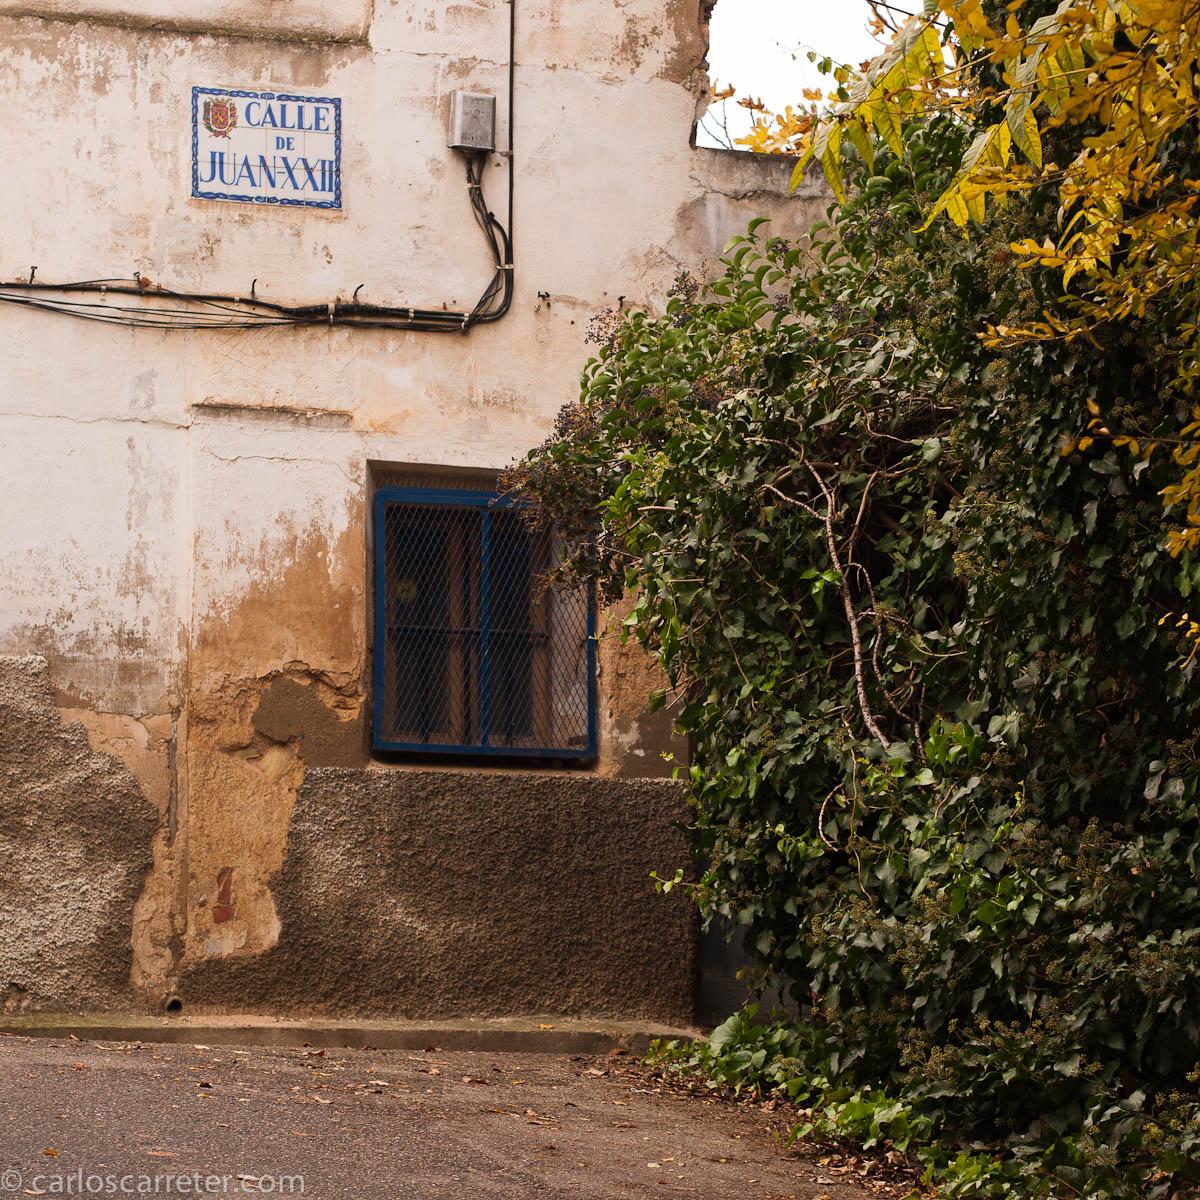 Calle Juan XXII